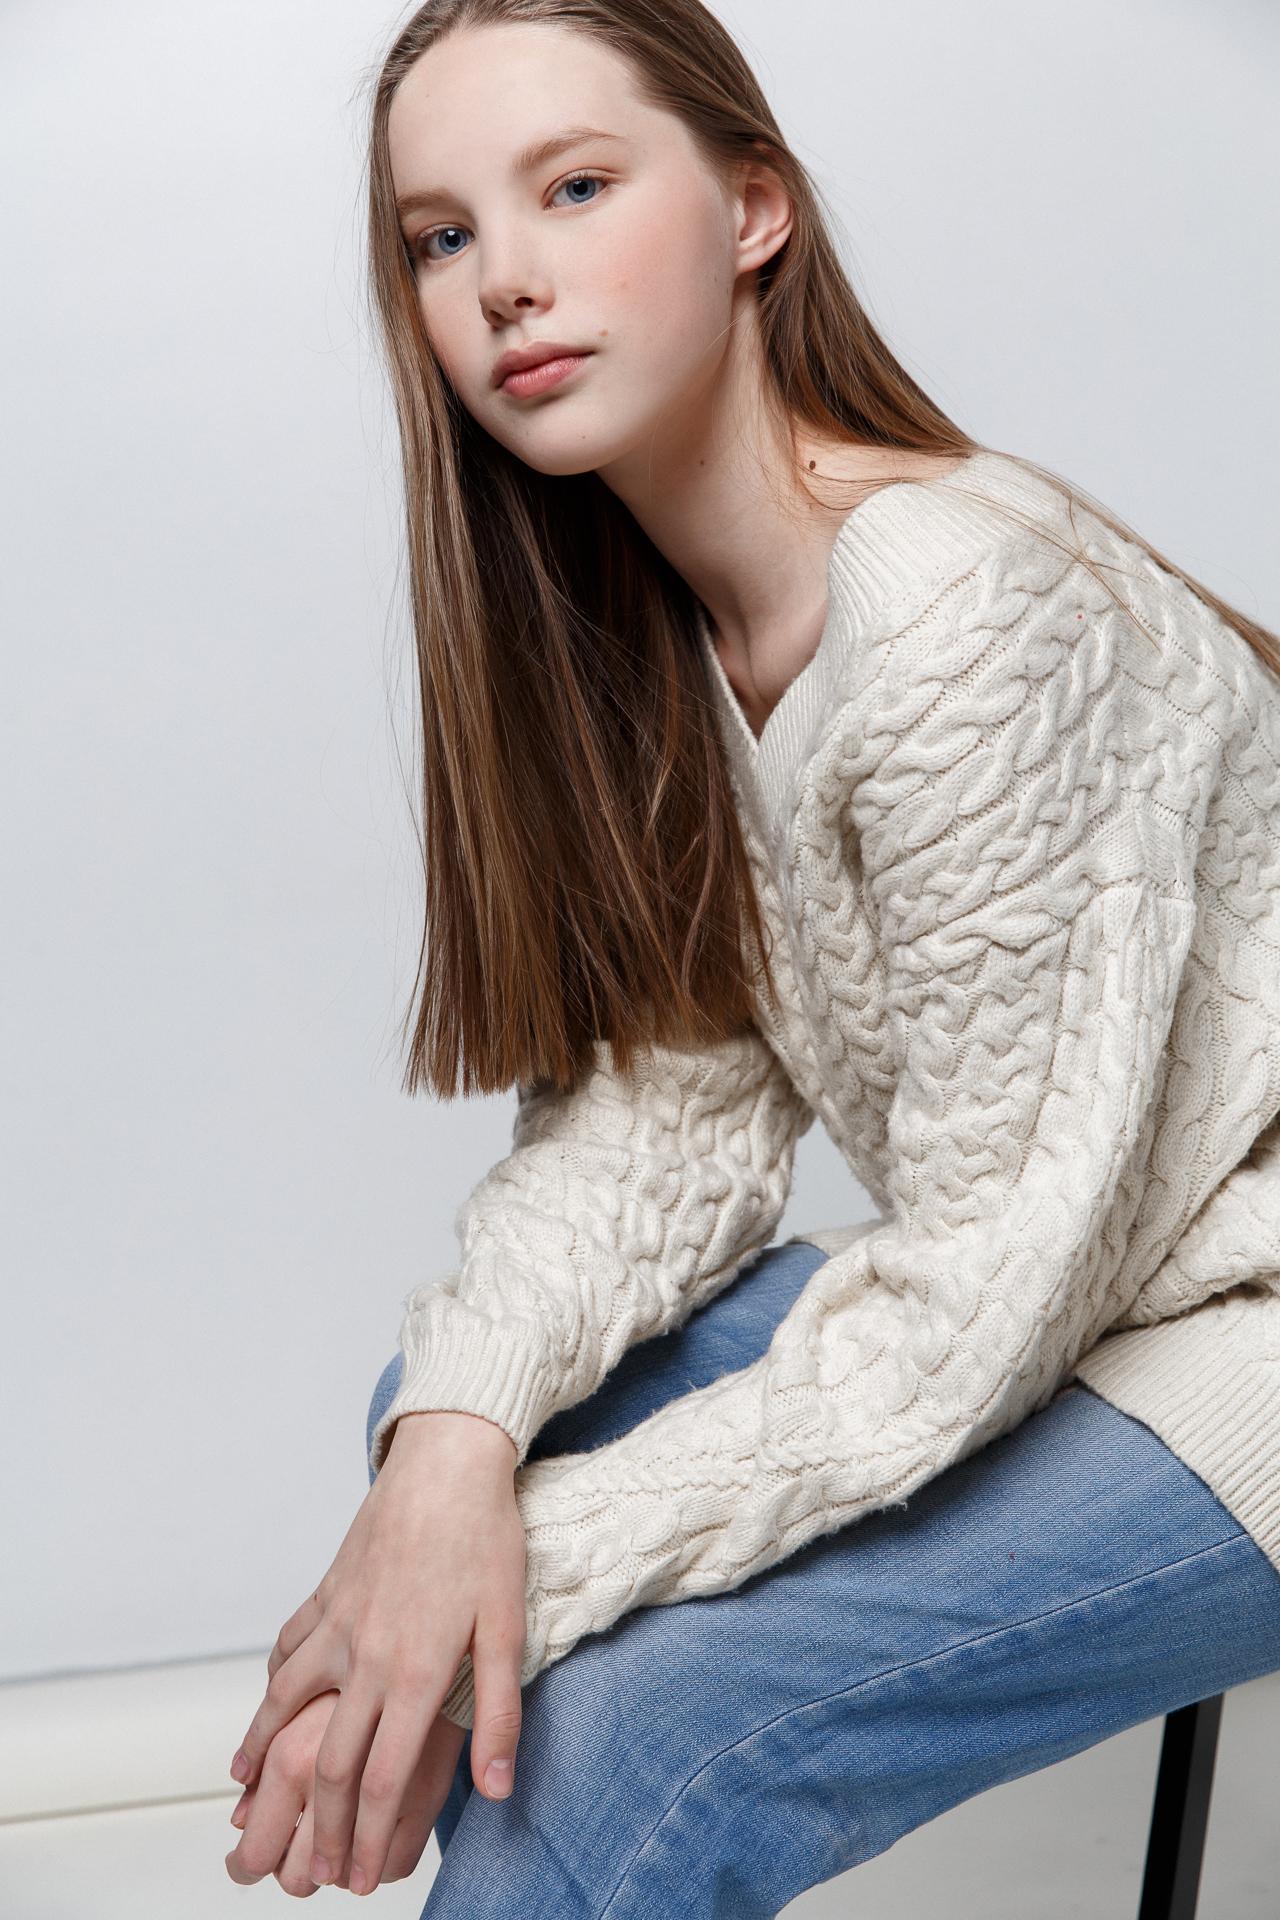 Xenia M